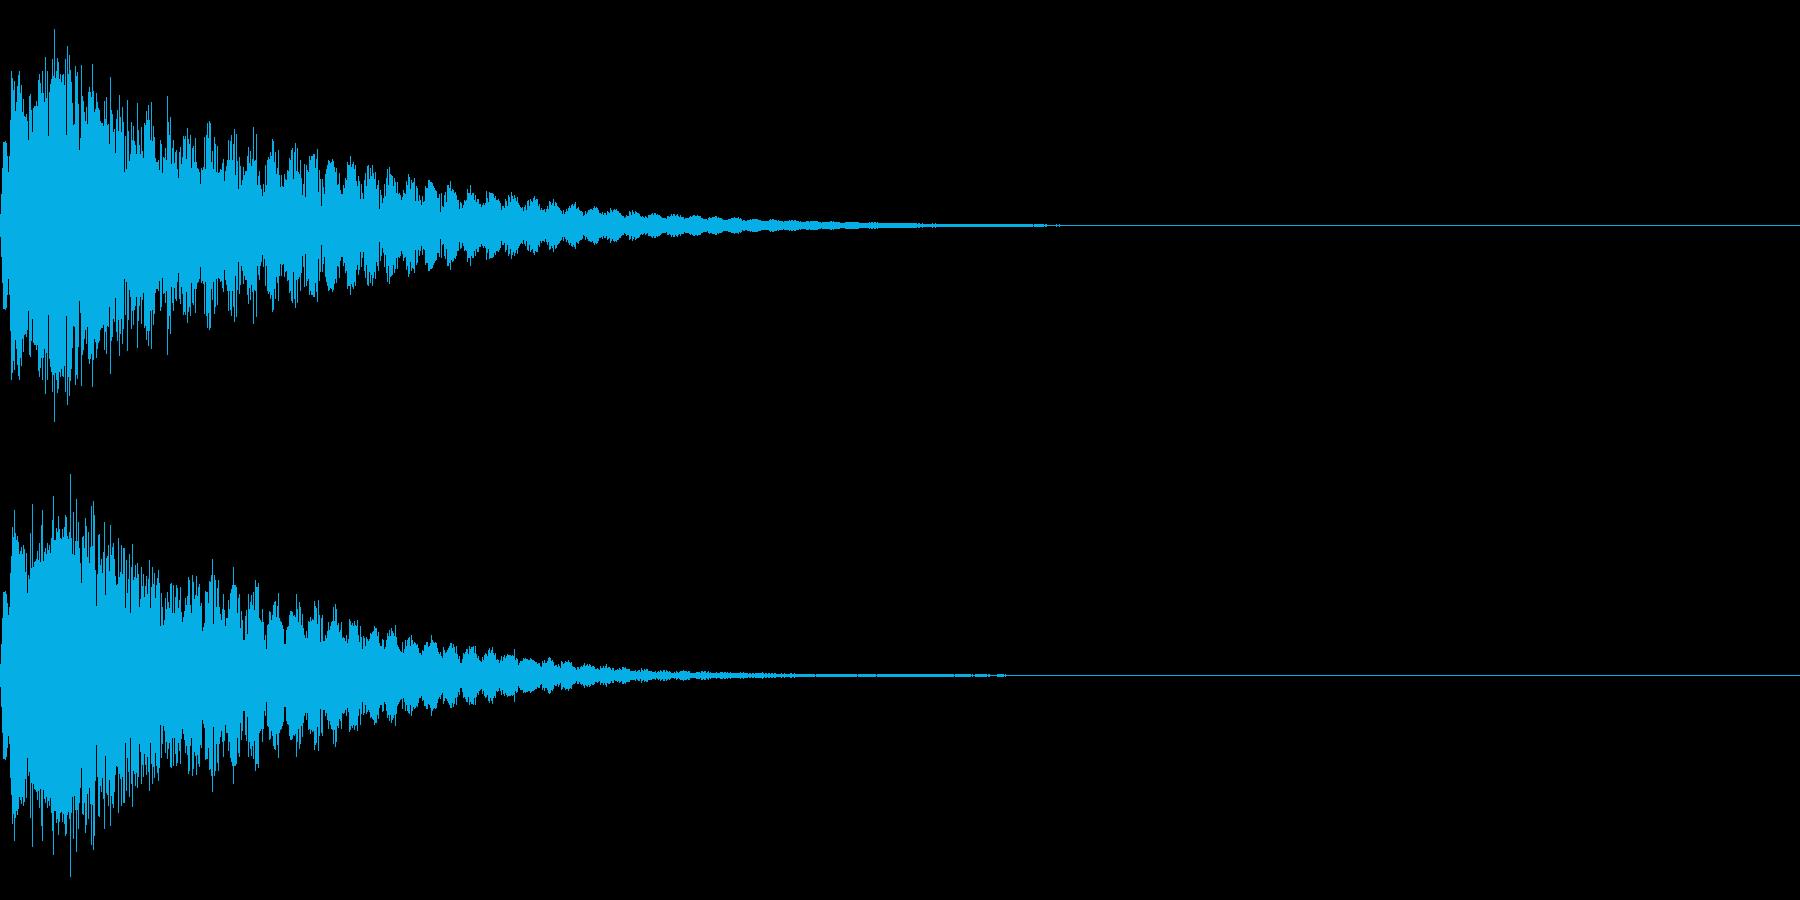 キュイン ボタン ピキーン キーン 21の再生済みの波形